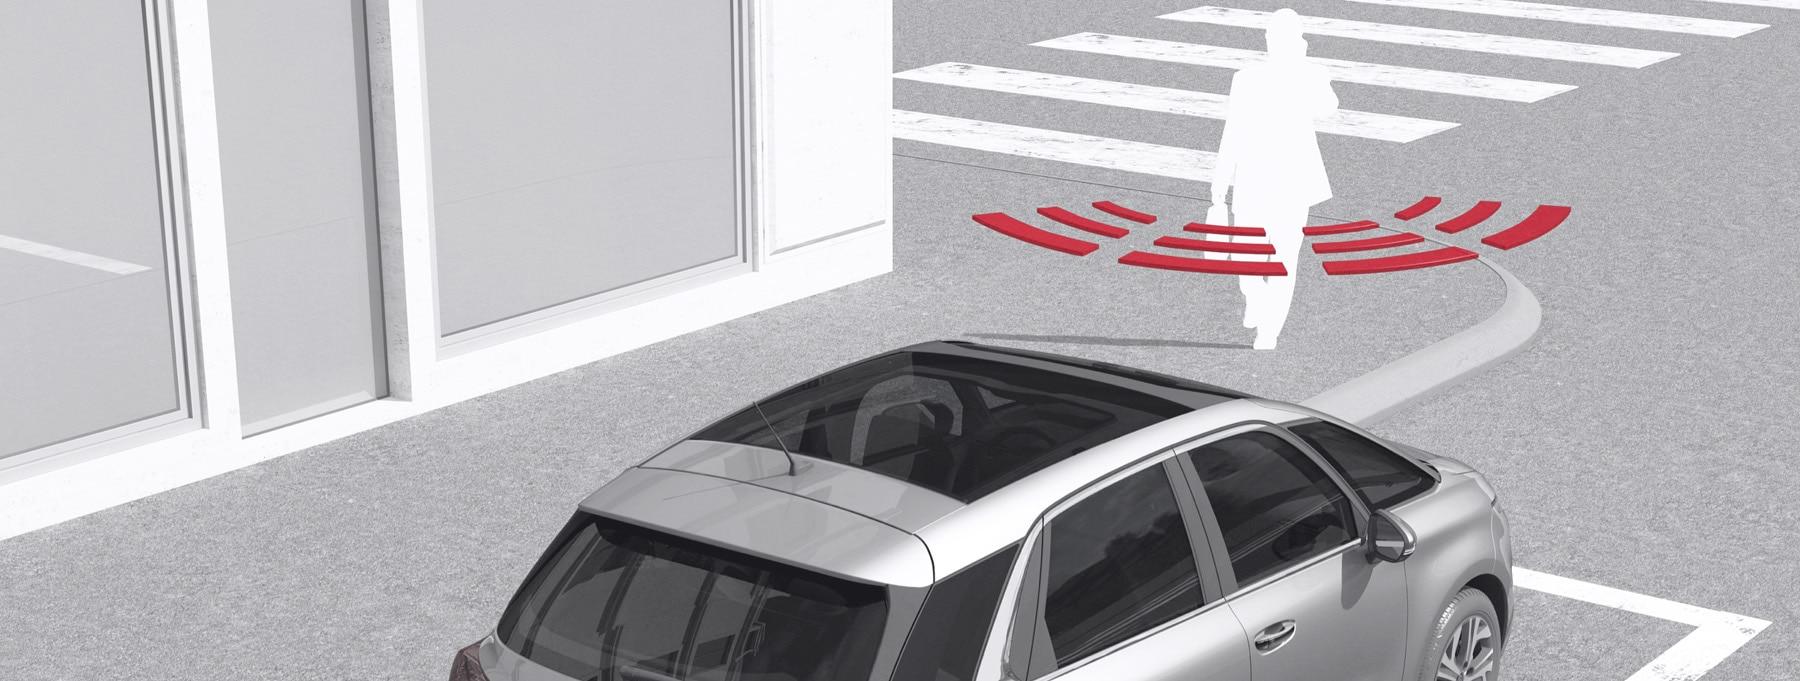 Aides à la conduite - Accès démarrage mains libres